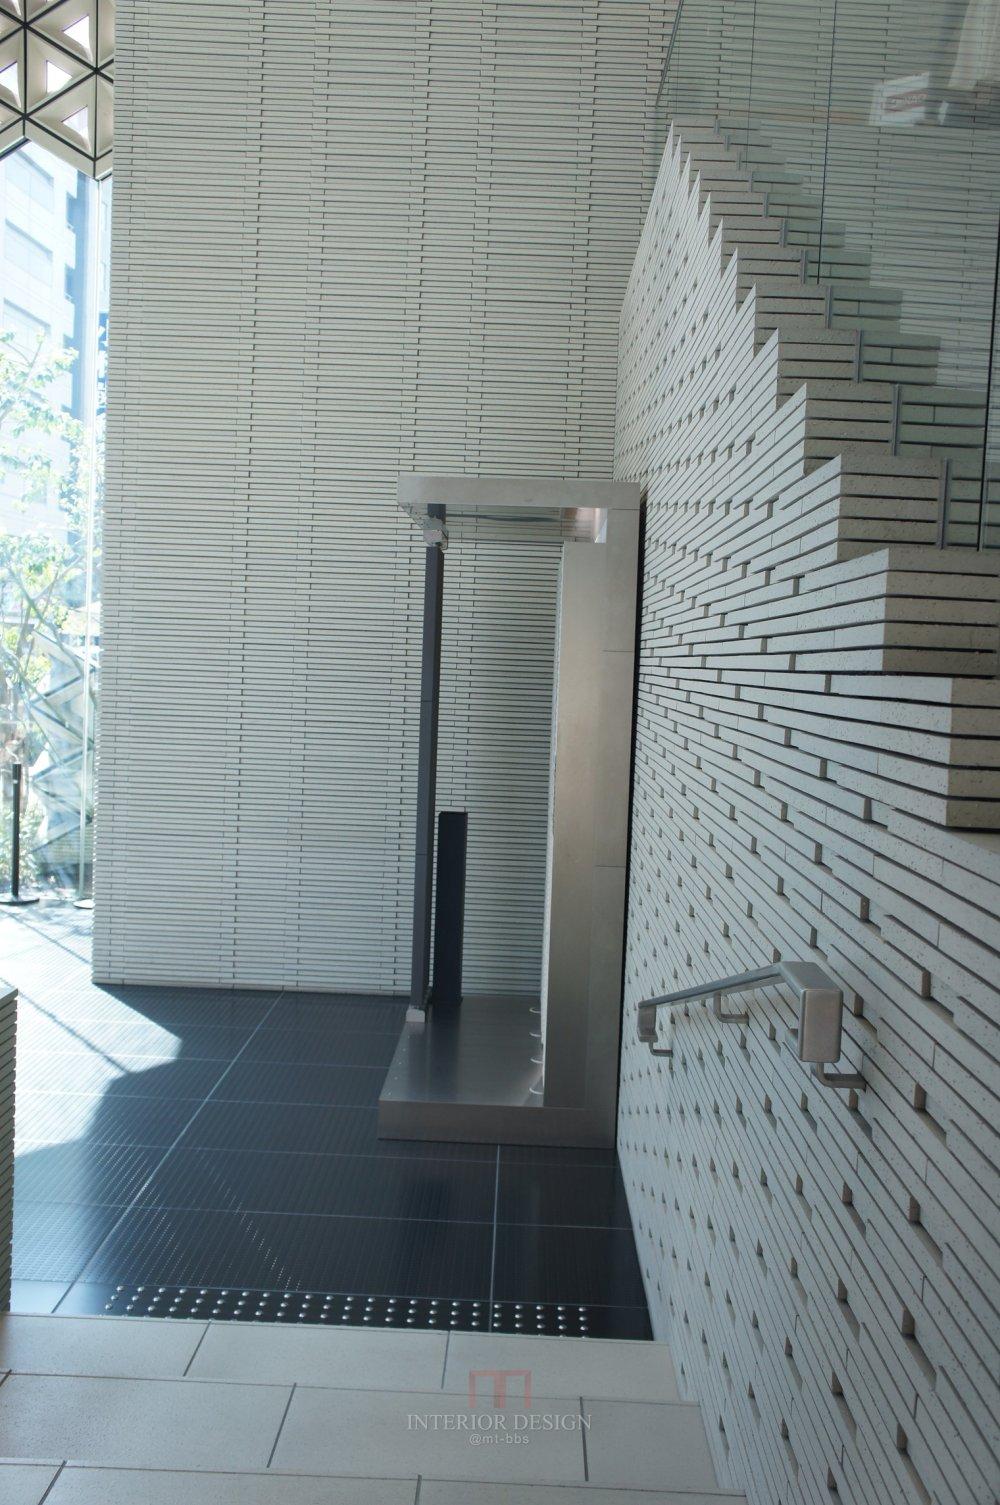 #伙伴一起看日本#  日本设计考察分享(更新美秀美术馆)_DSC05635.JPG